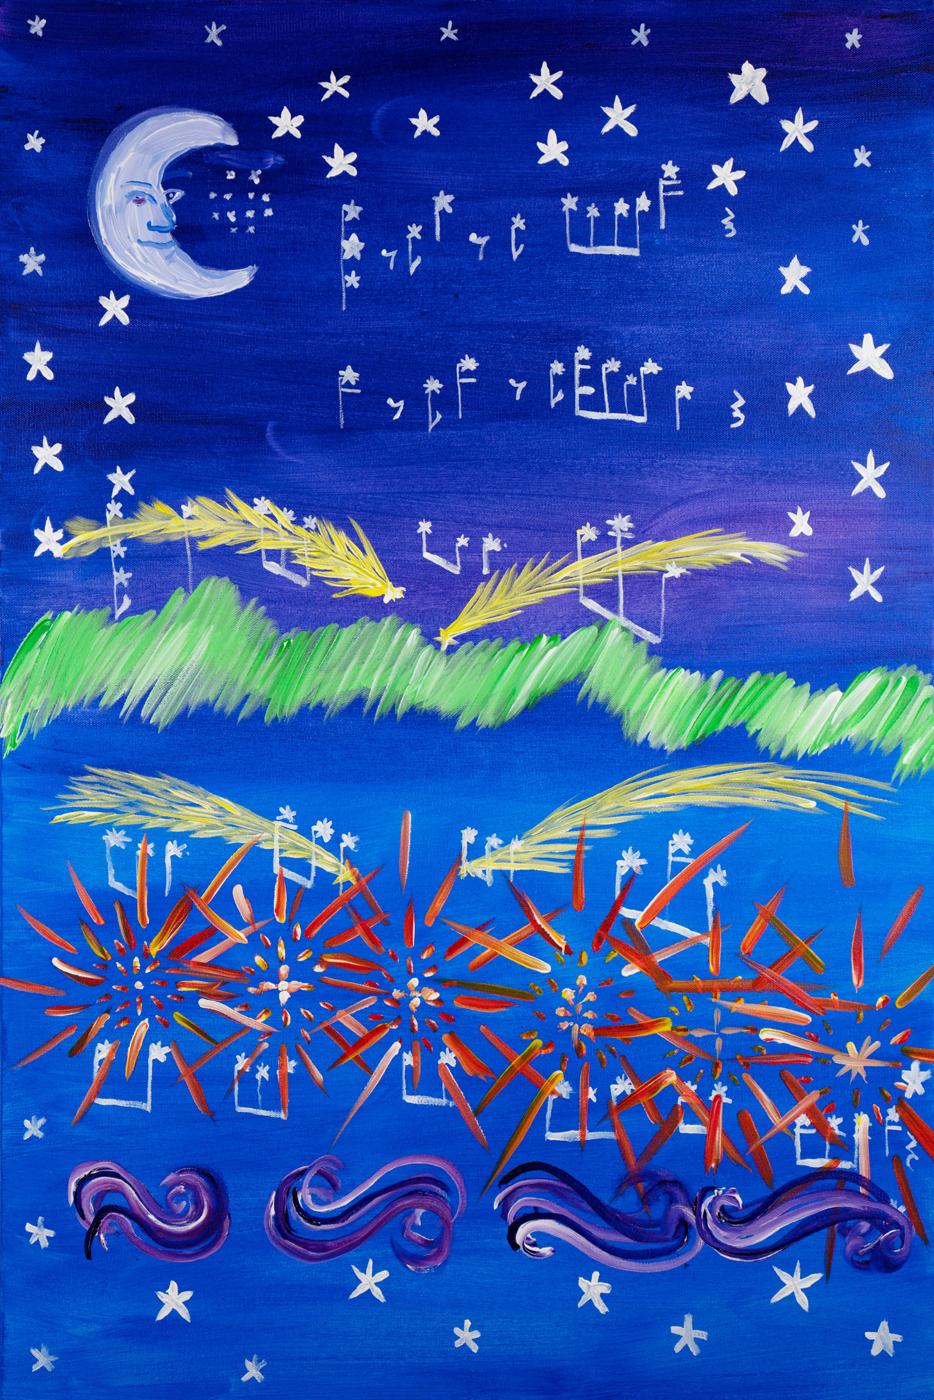 MozArt's Eine Kleine Nachtmusik by Joel Anderson